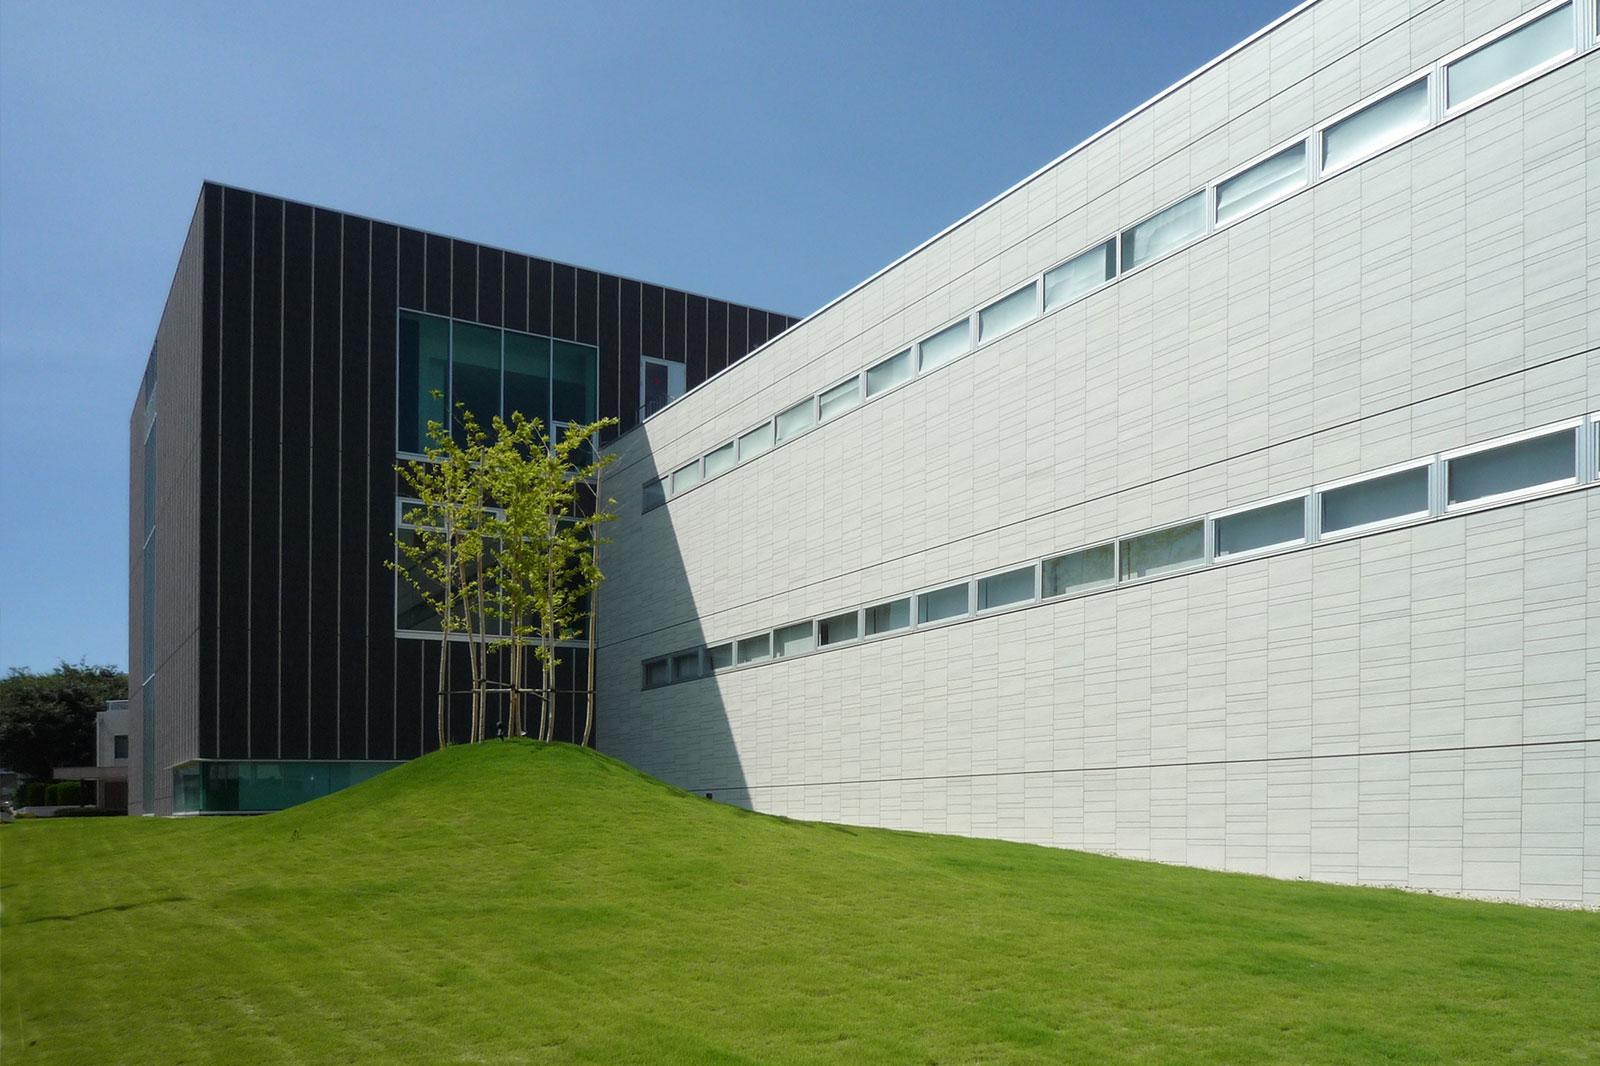 INAX テクノトレーニングセンター